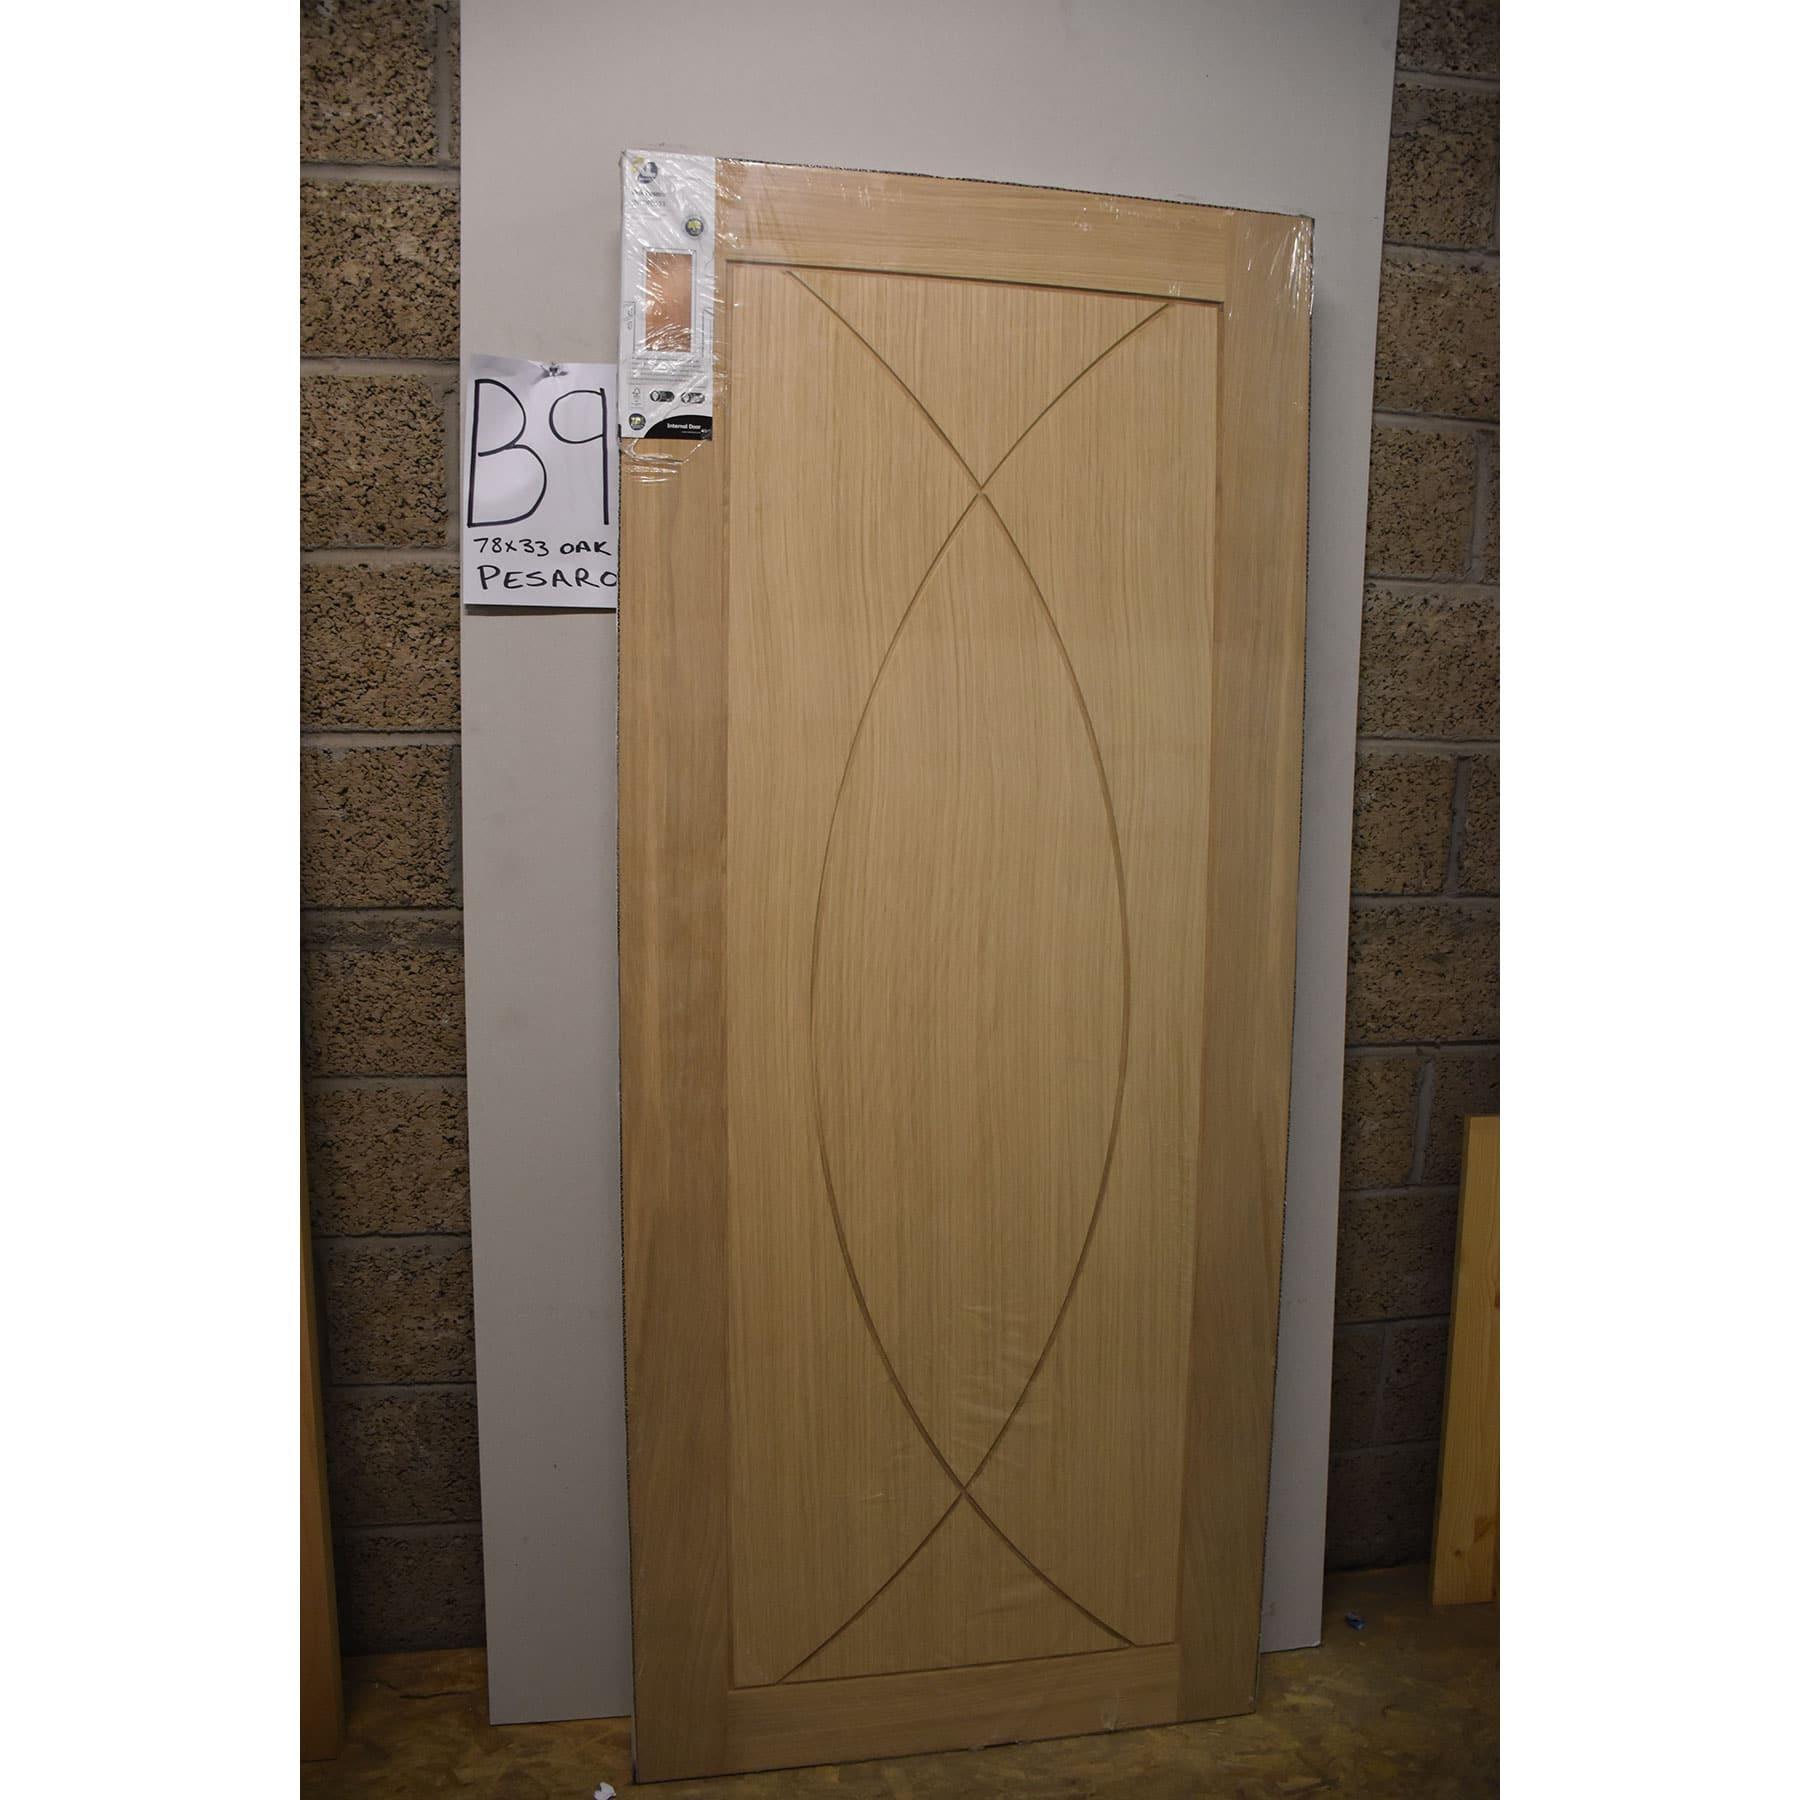 Door B9 Xl Joinery Pesaro Internal Oak Door 78 X 33